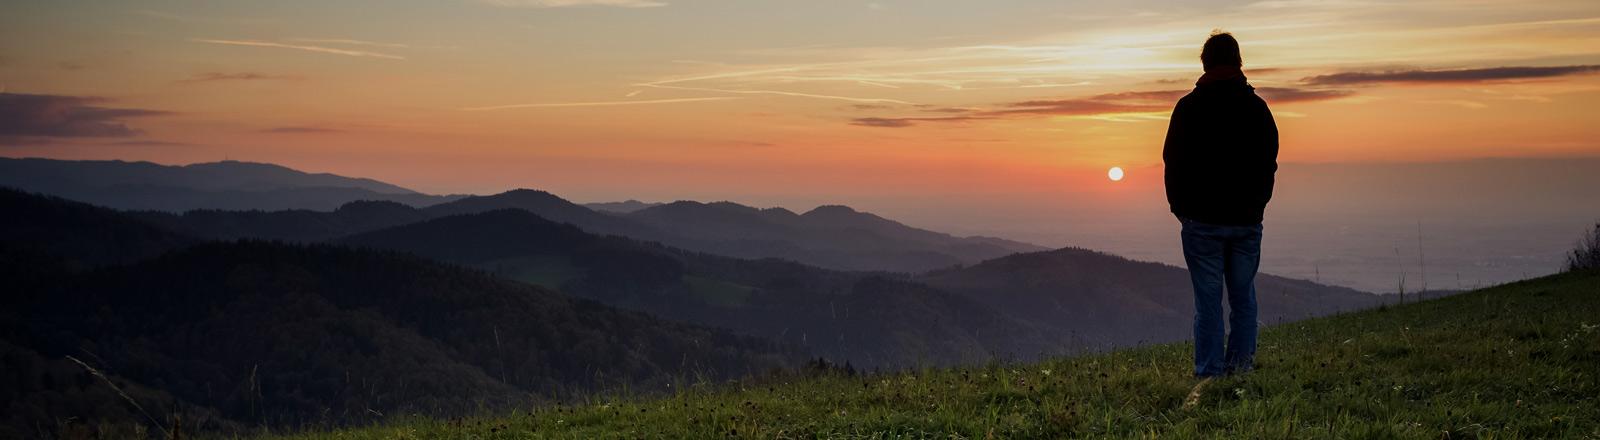 Ein Mann steht auf einem Berg und guckt in den Abendhimmel.